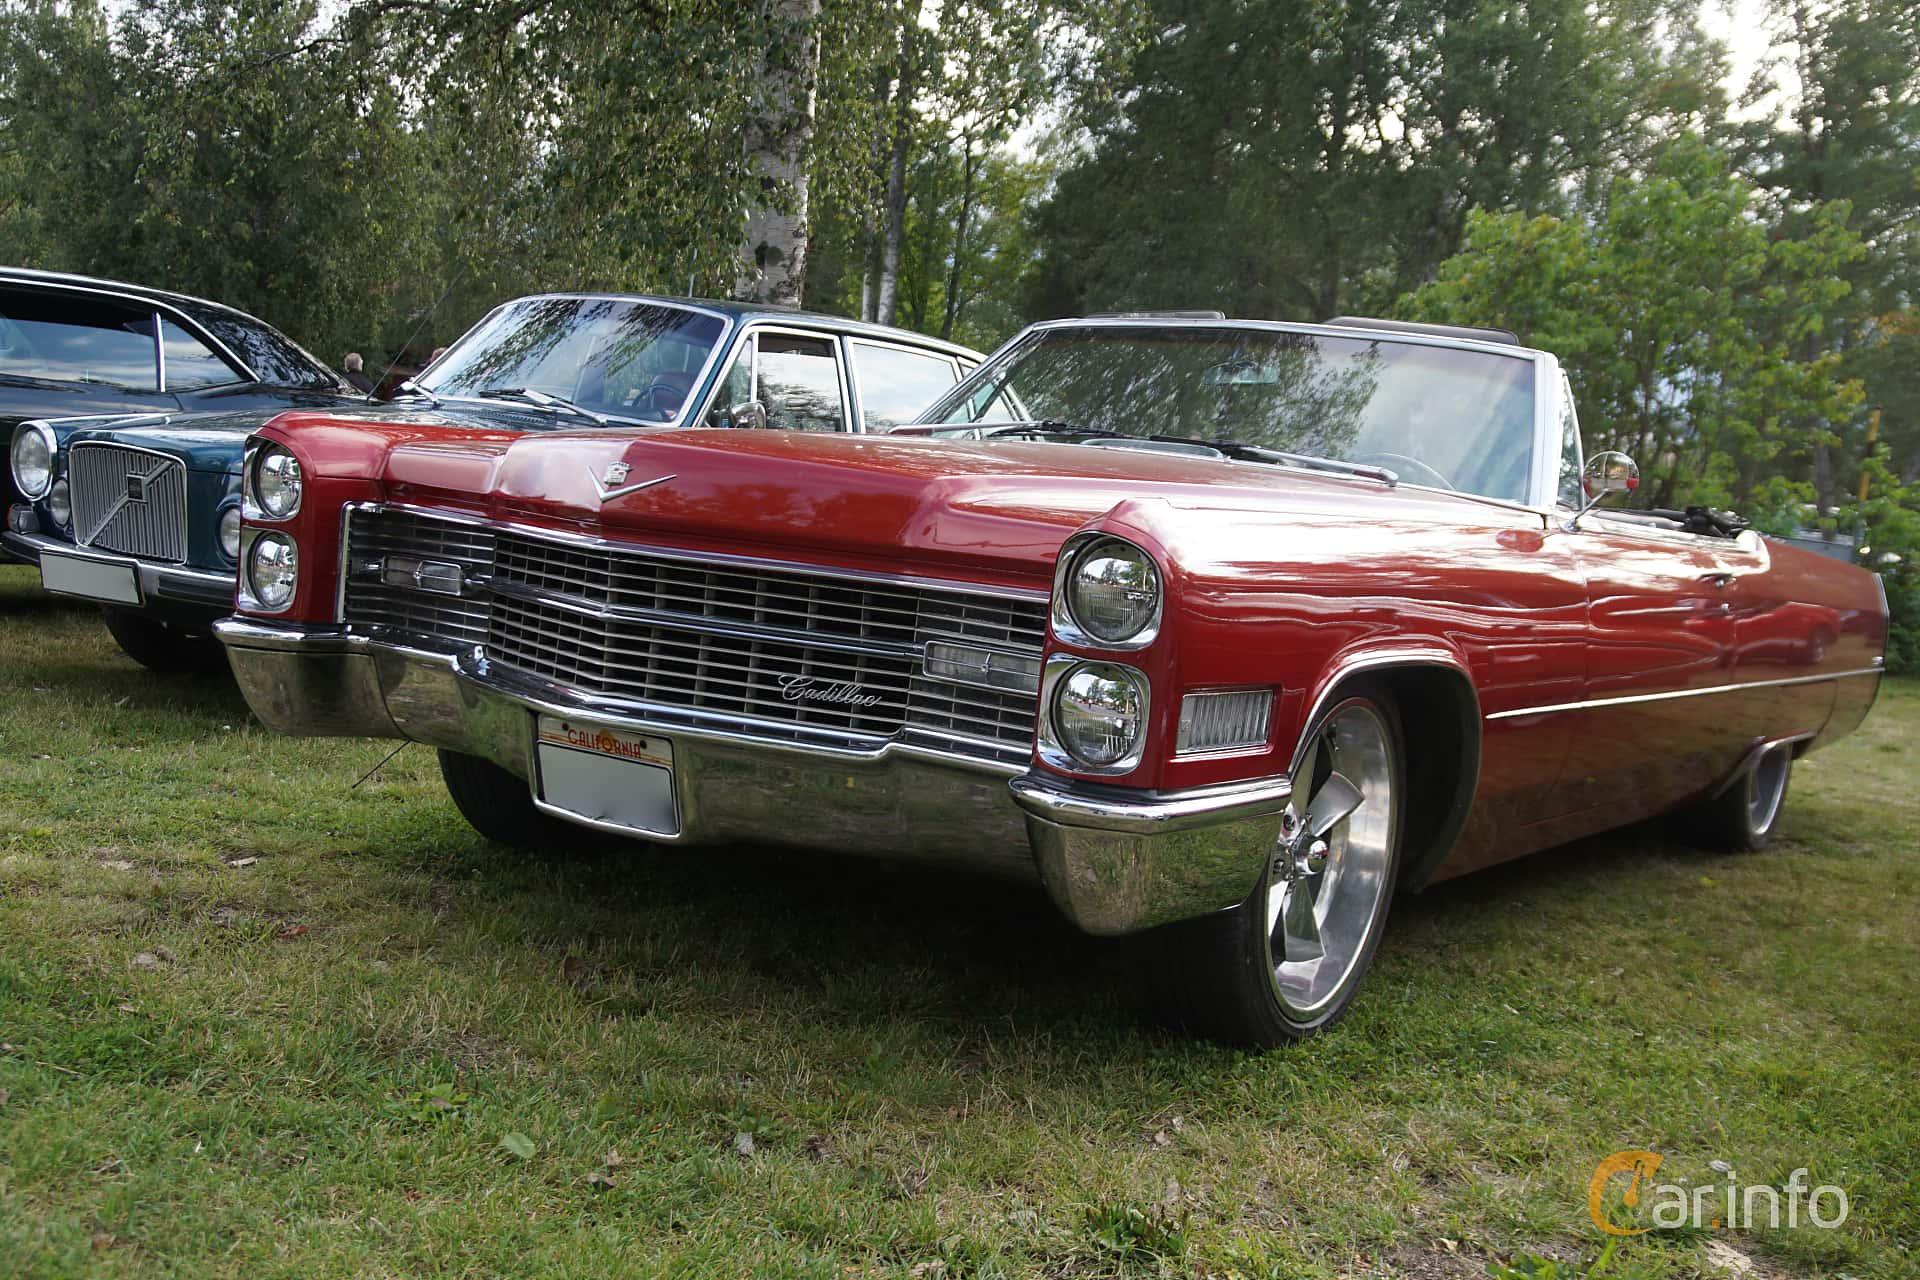 Front/Side  of Cadillac De Ville Convertible 7.0 V8 OHV Hydra-Matic, 345ps, 1966 at Onsdagsträffar på Gammlia Umeå 2019 vecka 33